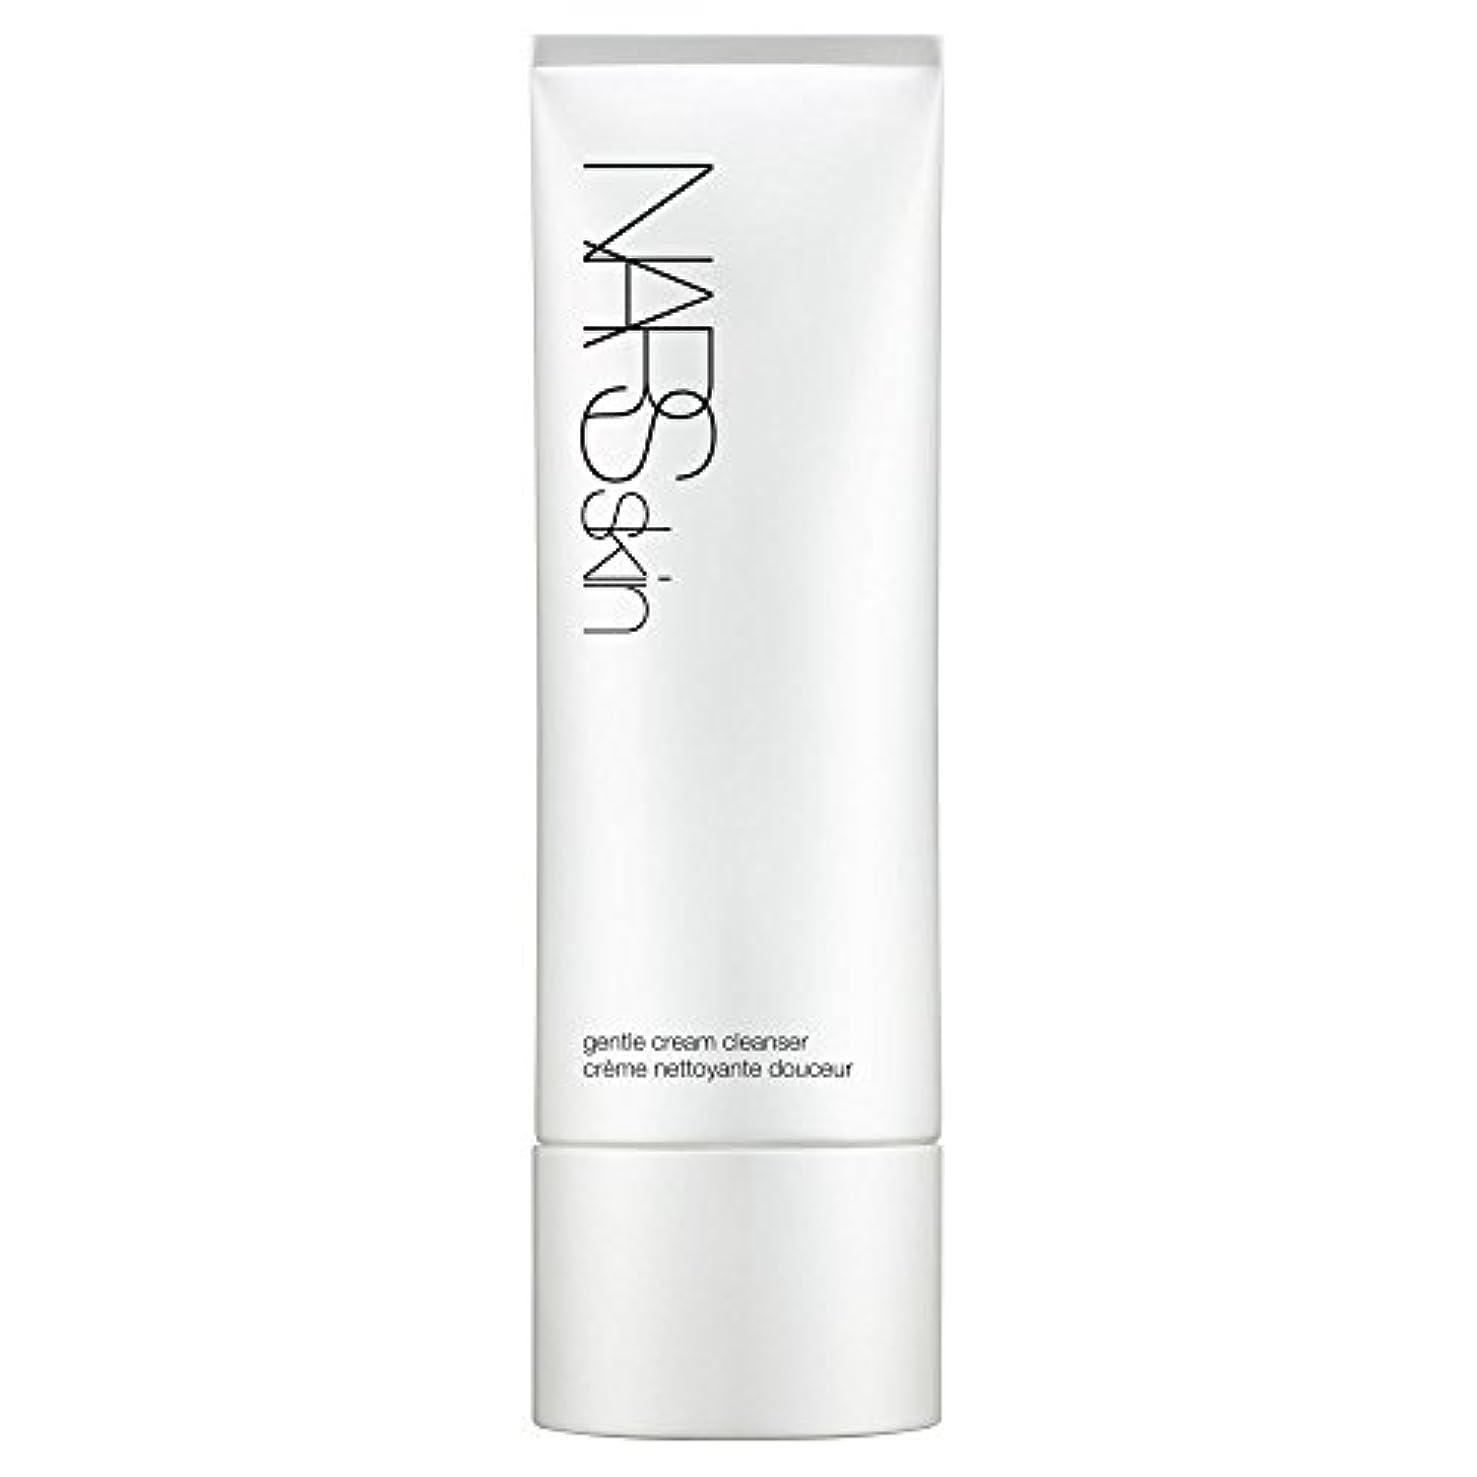 揮発性ファイル気球[NARS] Narsskin優しいクリームクレンザー、125ミリリットル - Narsskin Gentle Cream Cleanser, 125ml [並行輸入品]